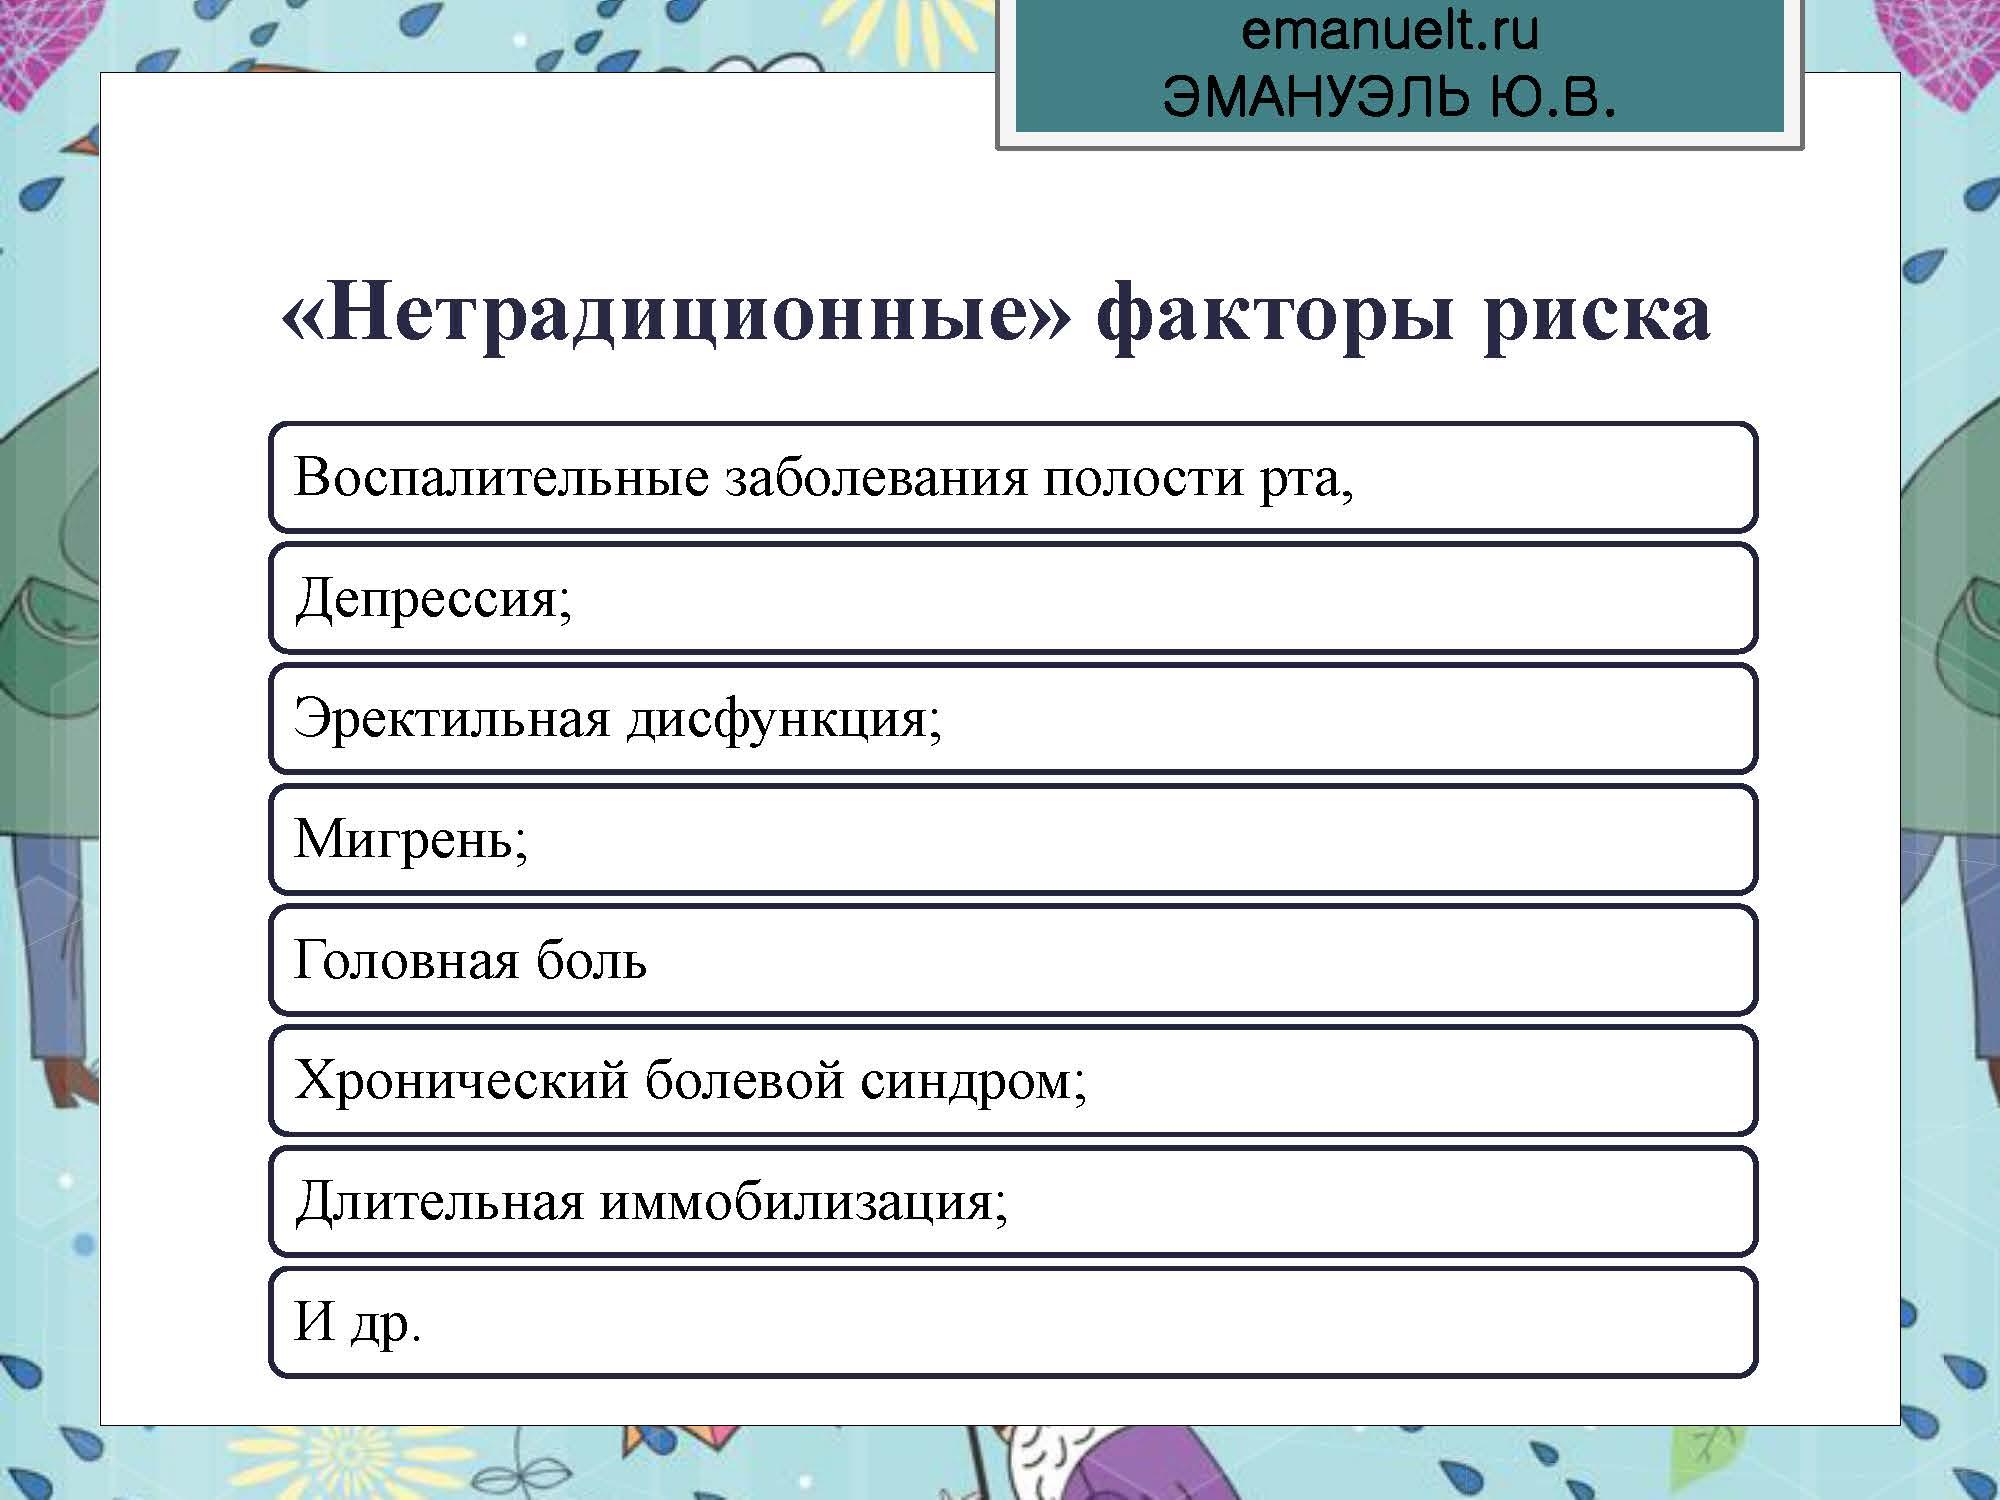 Секция 8. ЭЮВ. СПбГМУ.  26.03_Страница_32